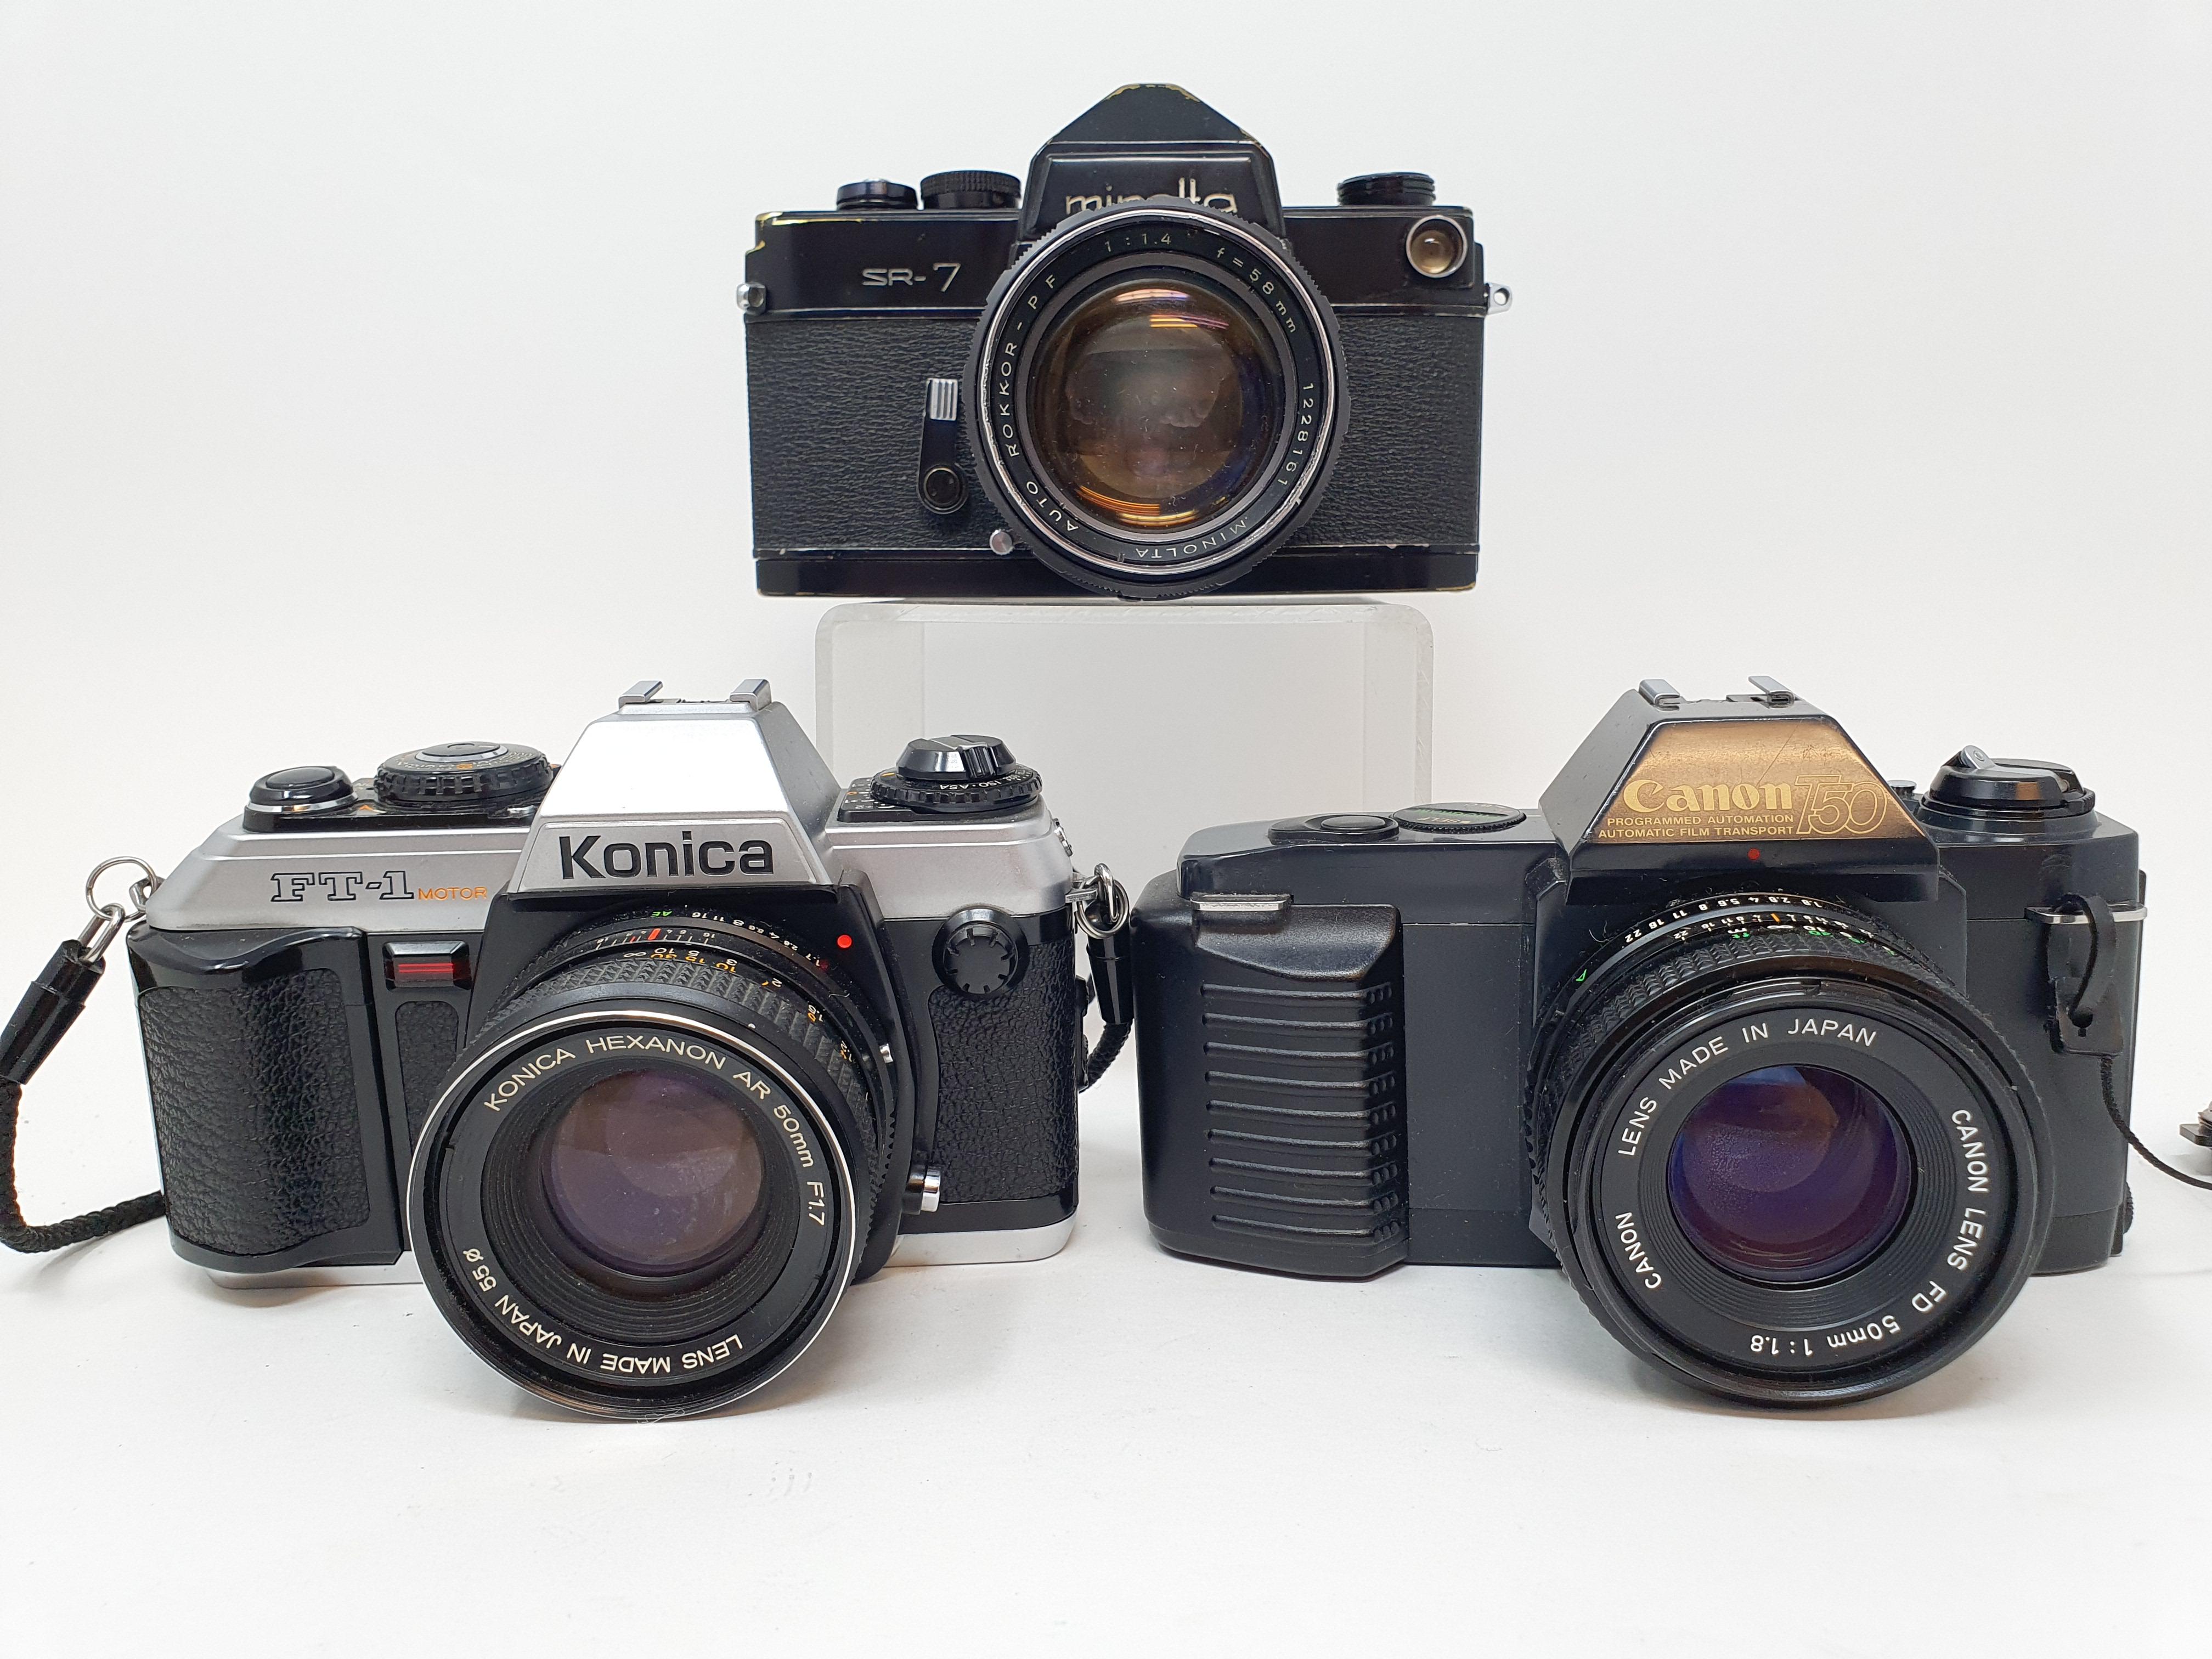 A Minolta SR-7 camera, a Canon T50 camera and a Konica FT-1 camera (3) Provenance: Part of a vast